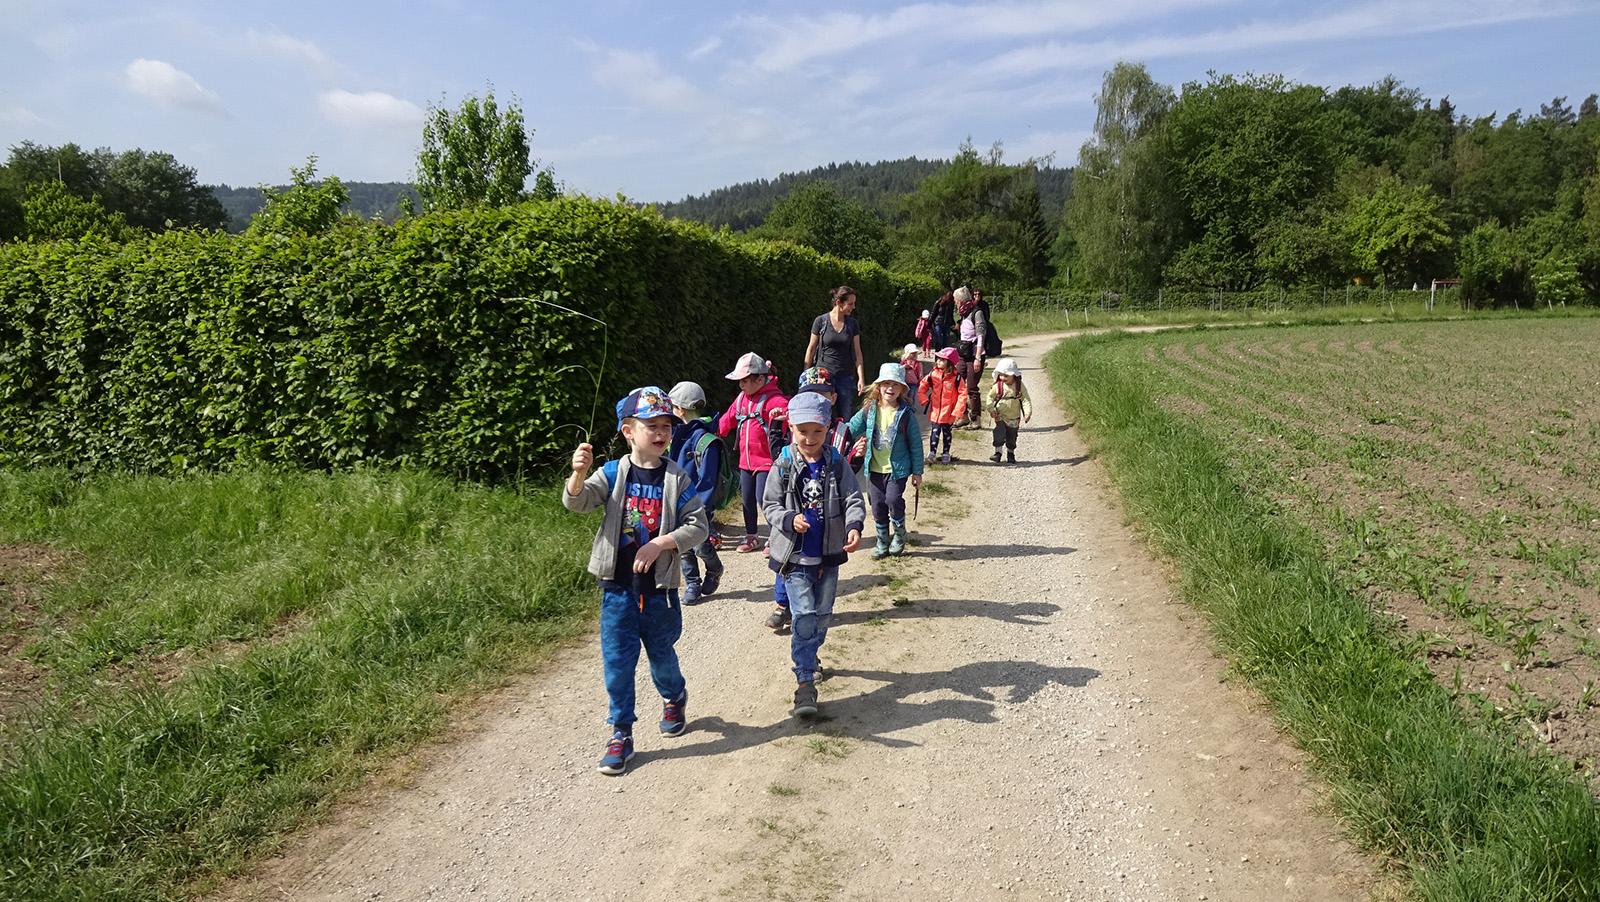 """Bild """"Wandertag"""" zeigt die Kinder der Mäuse-, Bären- und Löwengruppe auf ihrem erlebnisreichen Wandertag."""